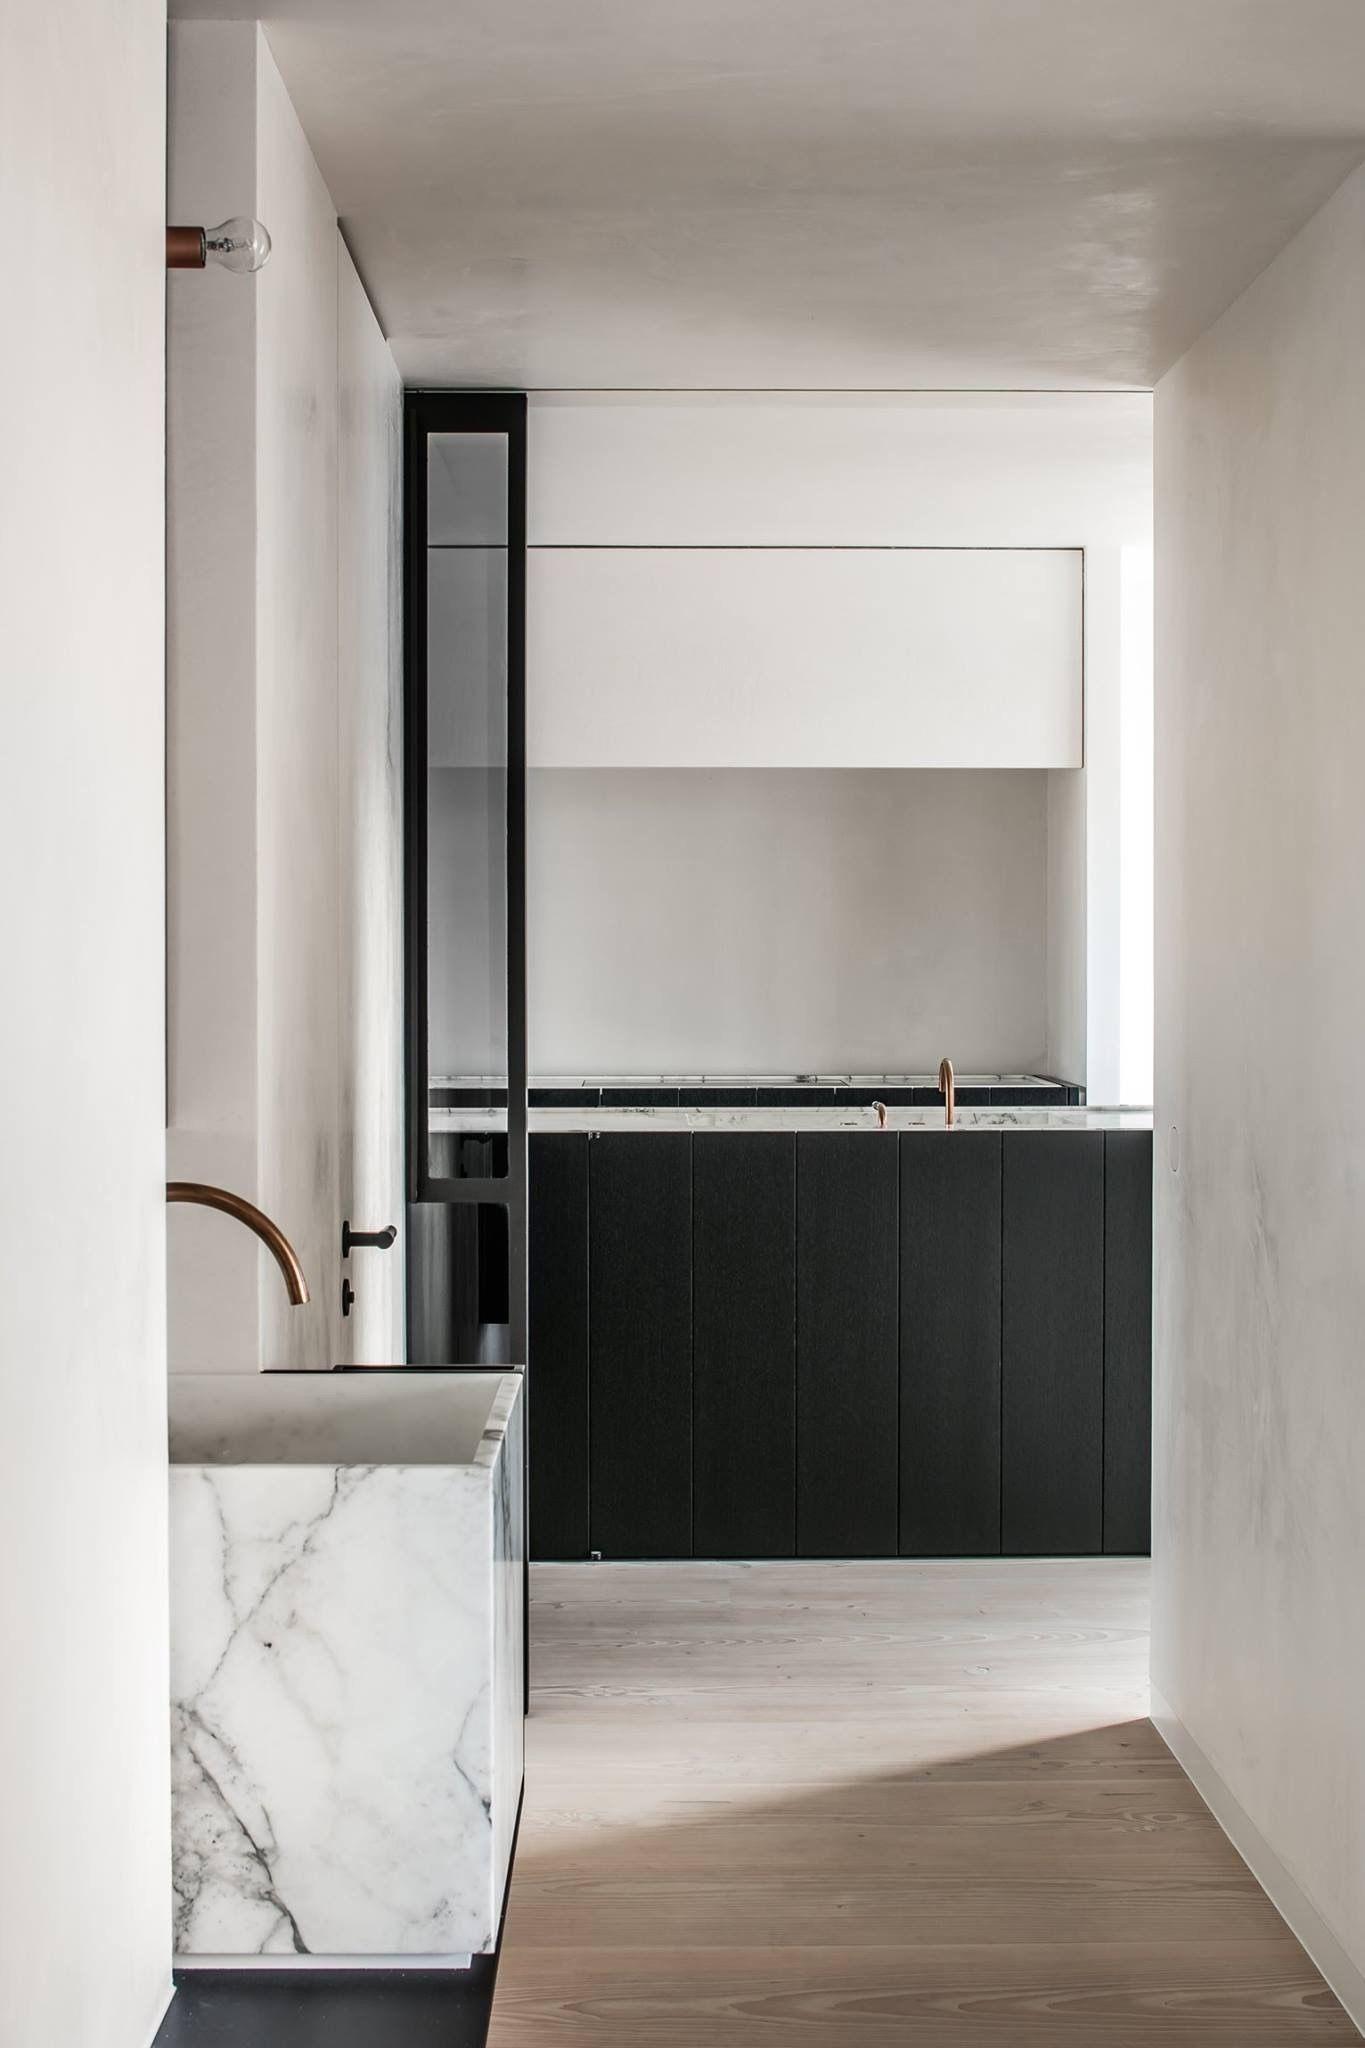 Lit Mezzanine Pas Cher Luxe Divin Canape Angle Pas Cher Design  Lit Convertible 2 Places Ikea